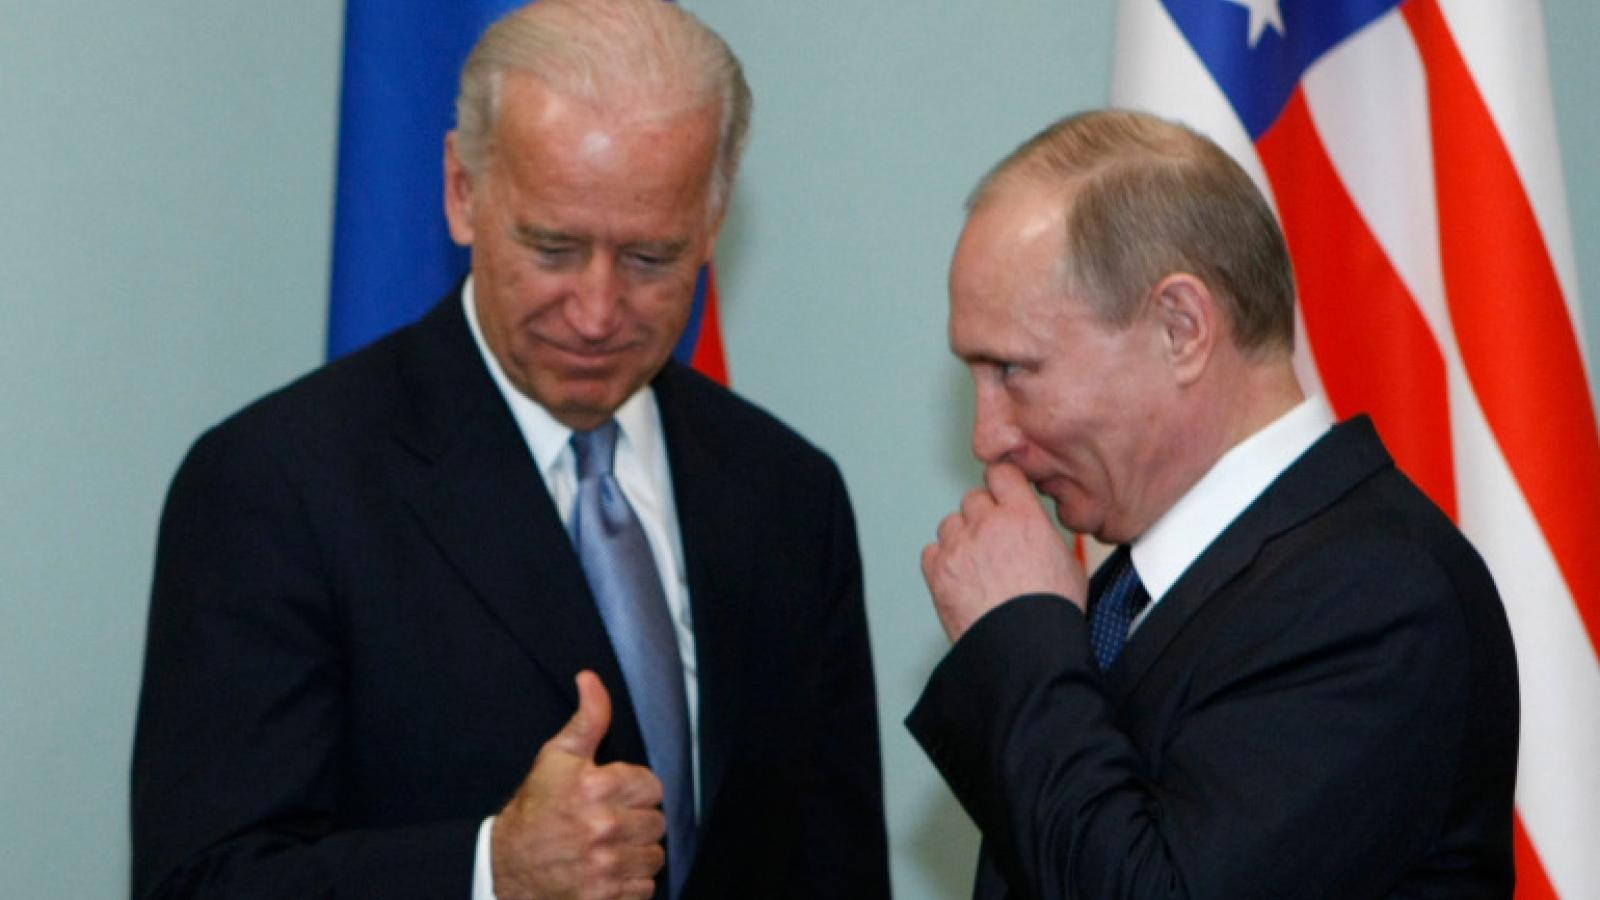 Thượng đỉnh Nga-Mỹ: Khơi nguồn hi vọng